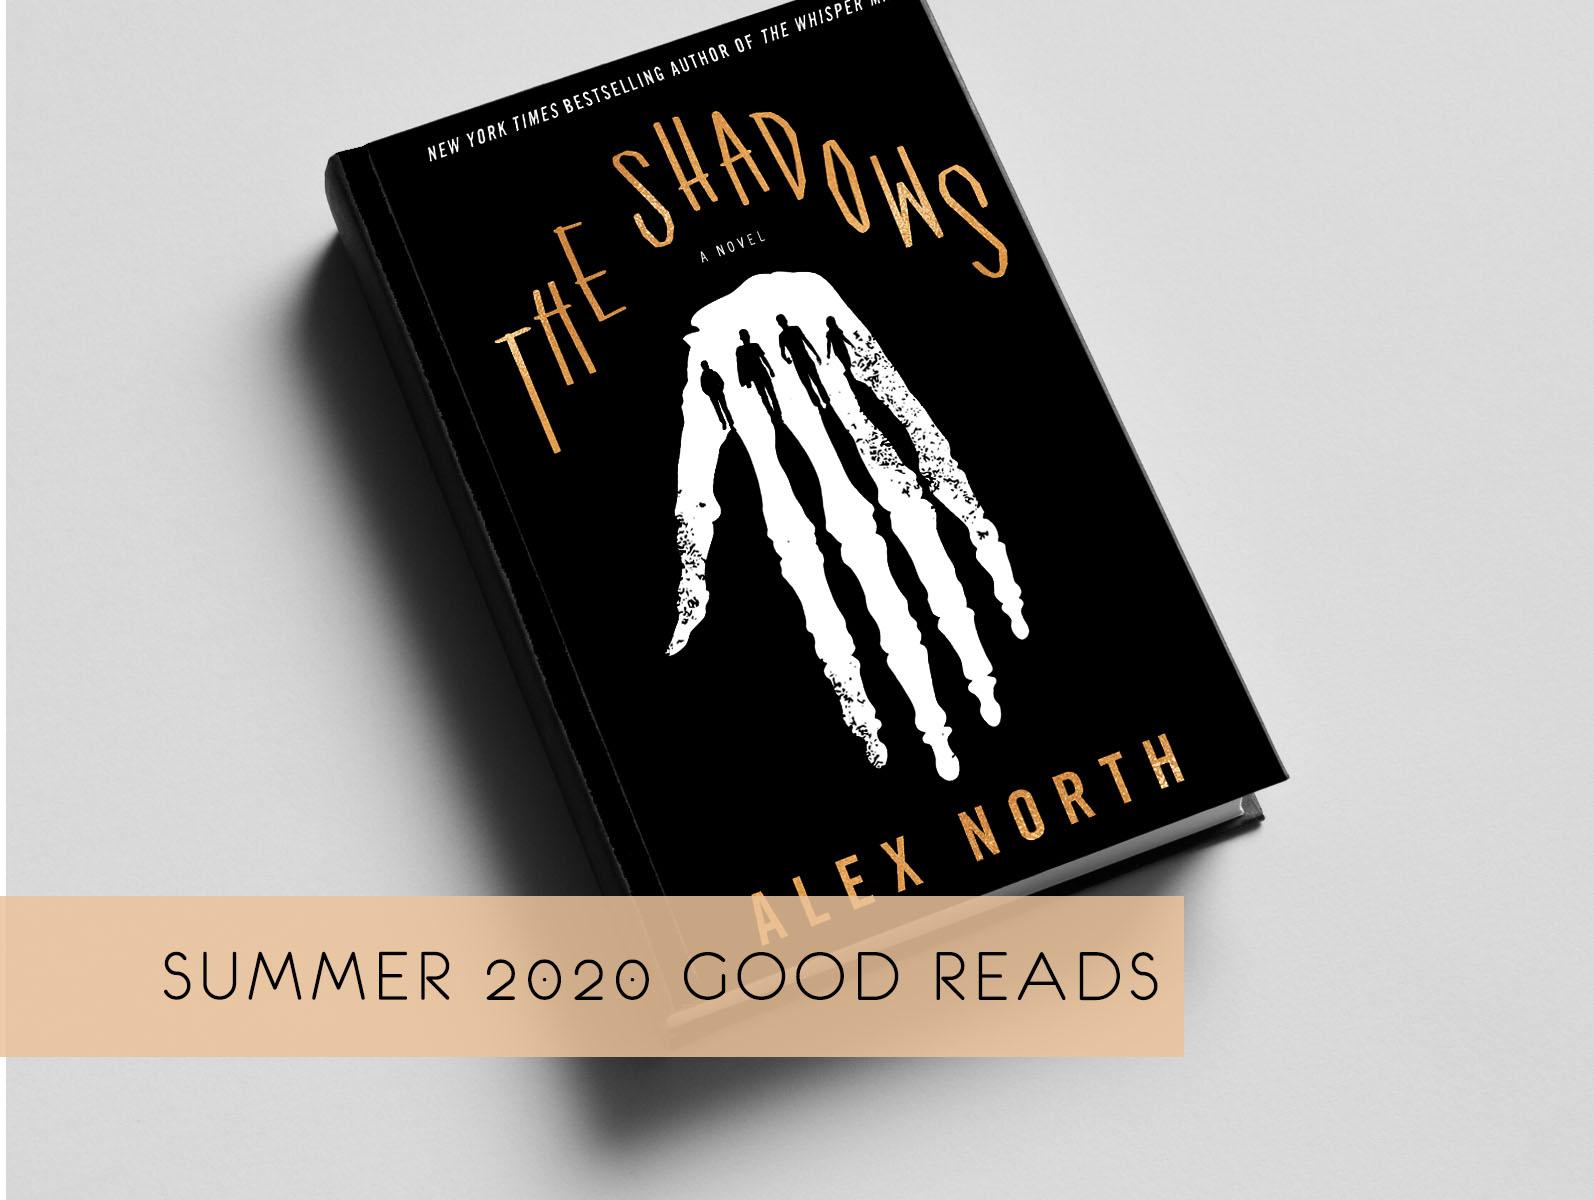 Summer 2020 Good Reads